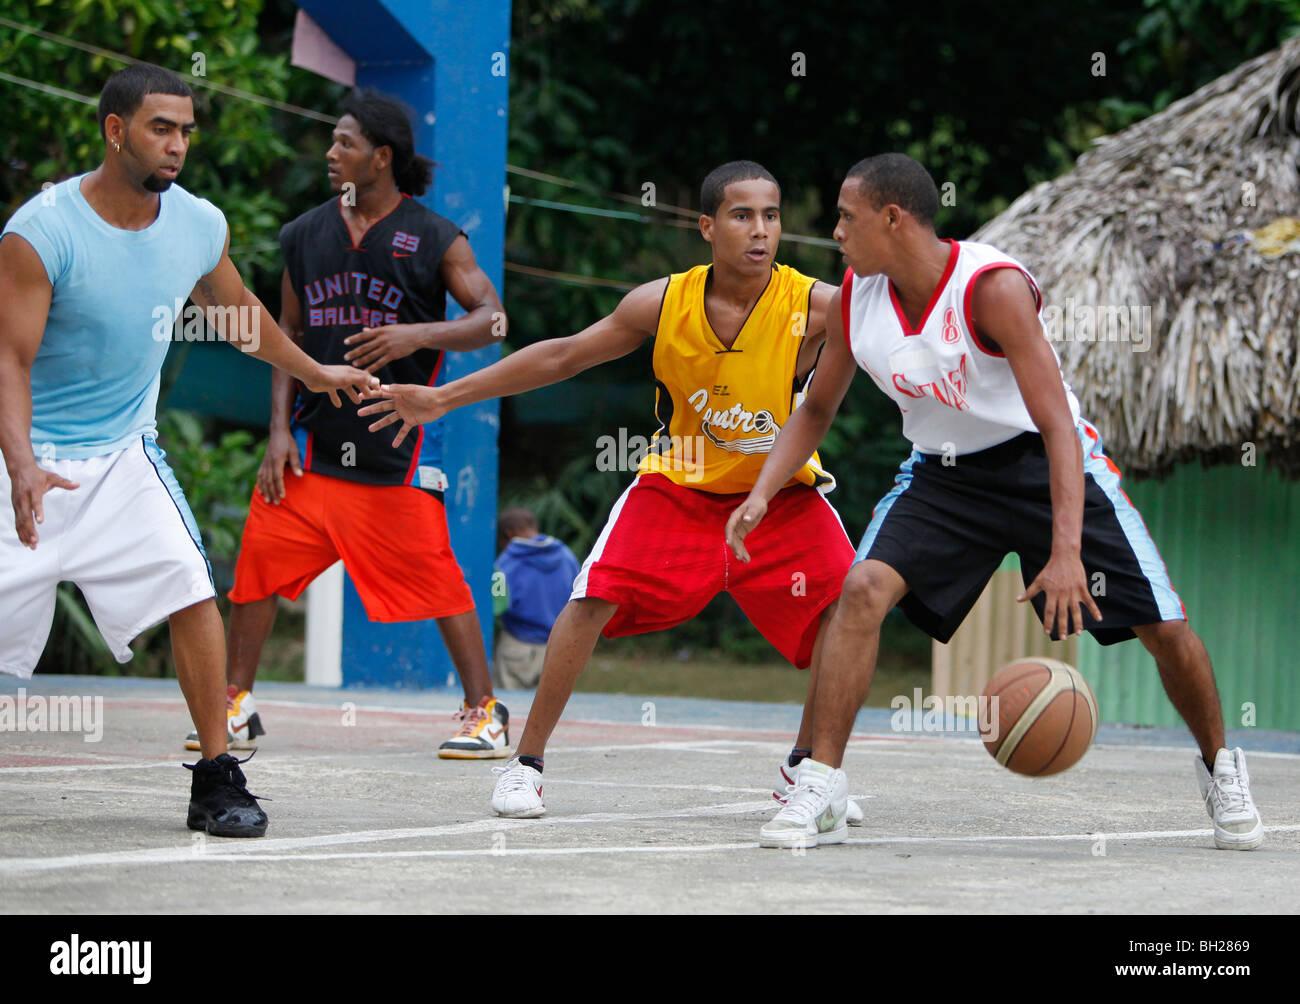 Zona gioco di basket, Bahoruco, Repubblica Dominicana Immagini Stock